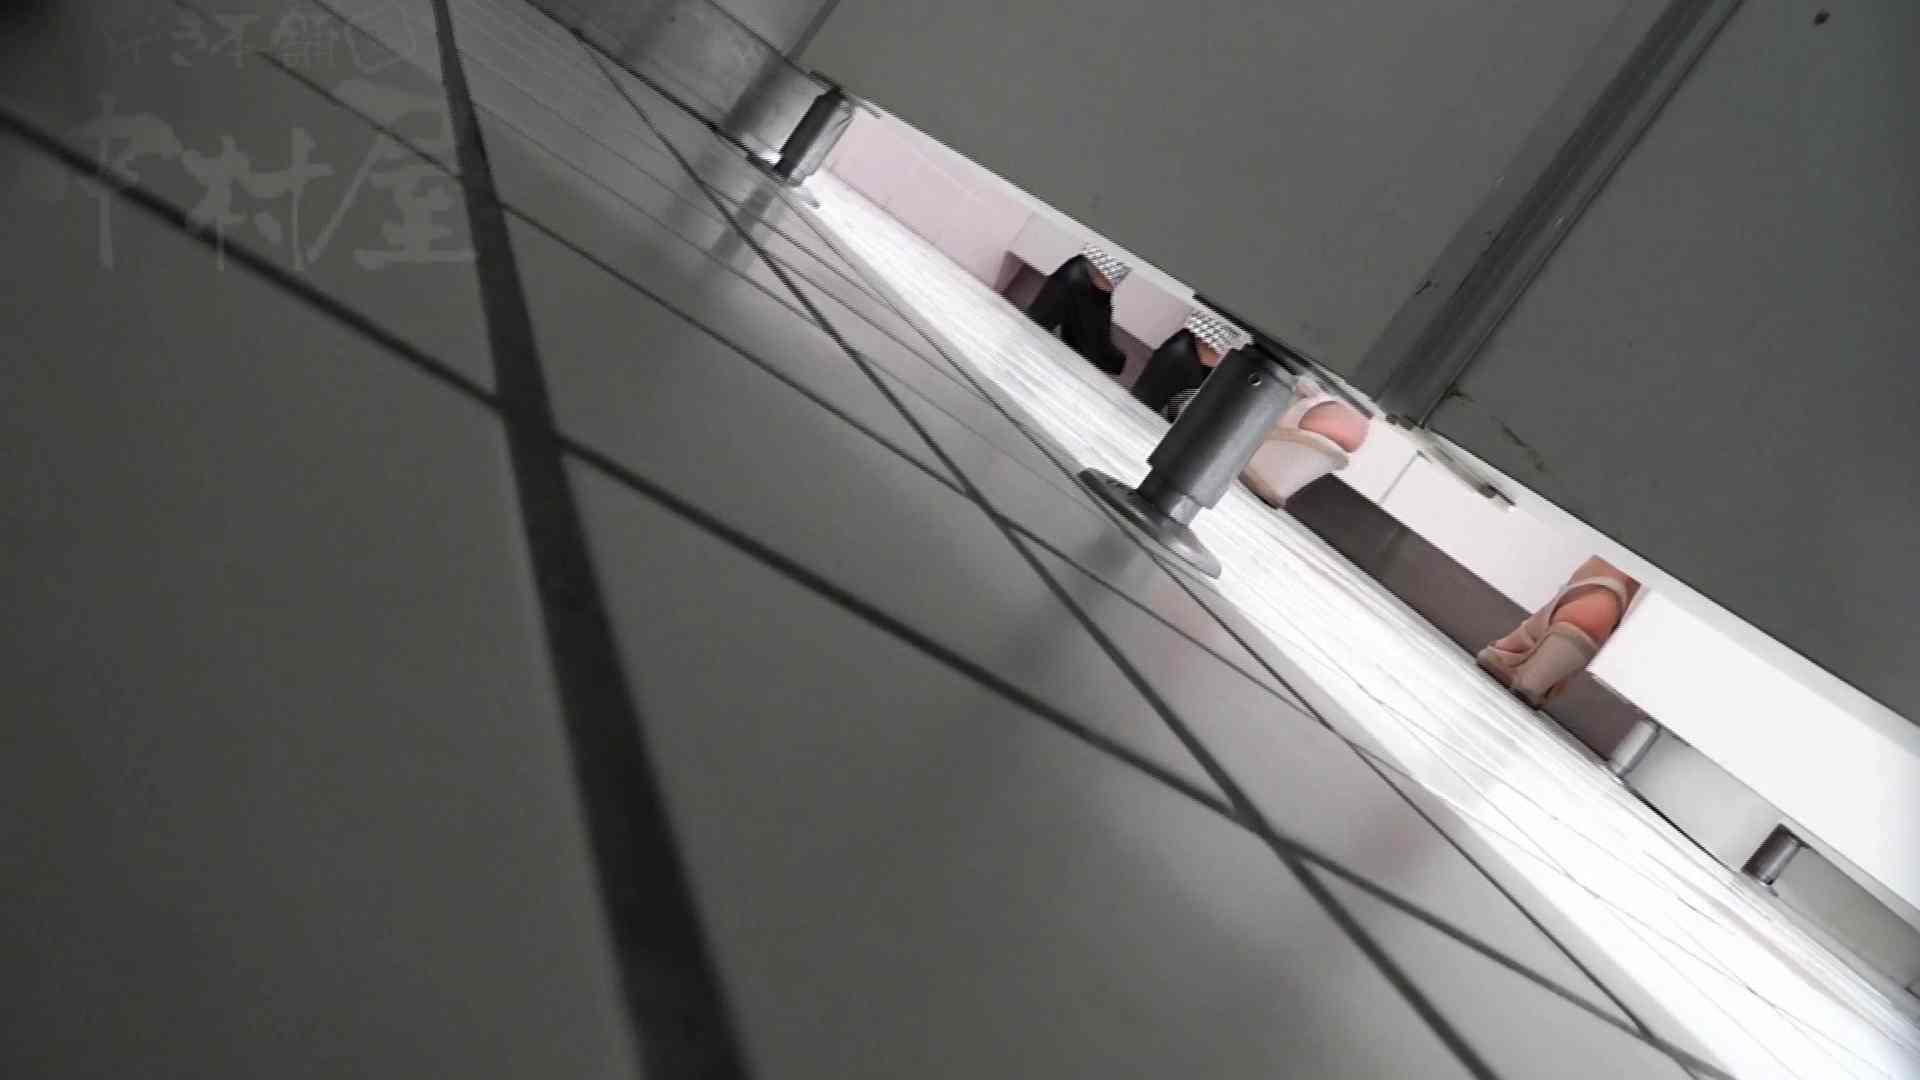 美しい日本の未来 No.26 美女偏差値オール90 女子トイレ編 盗み撮り動画 91PIX 19